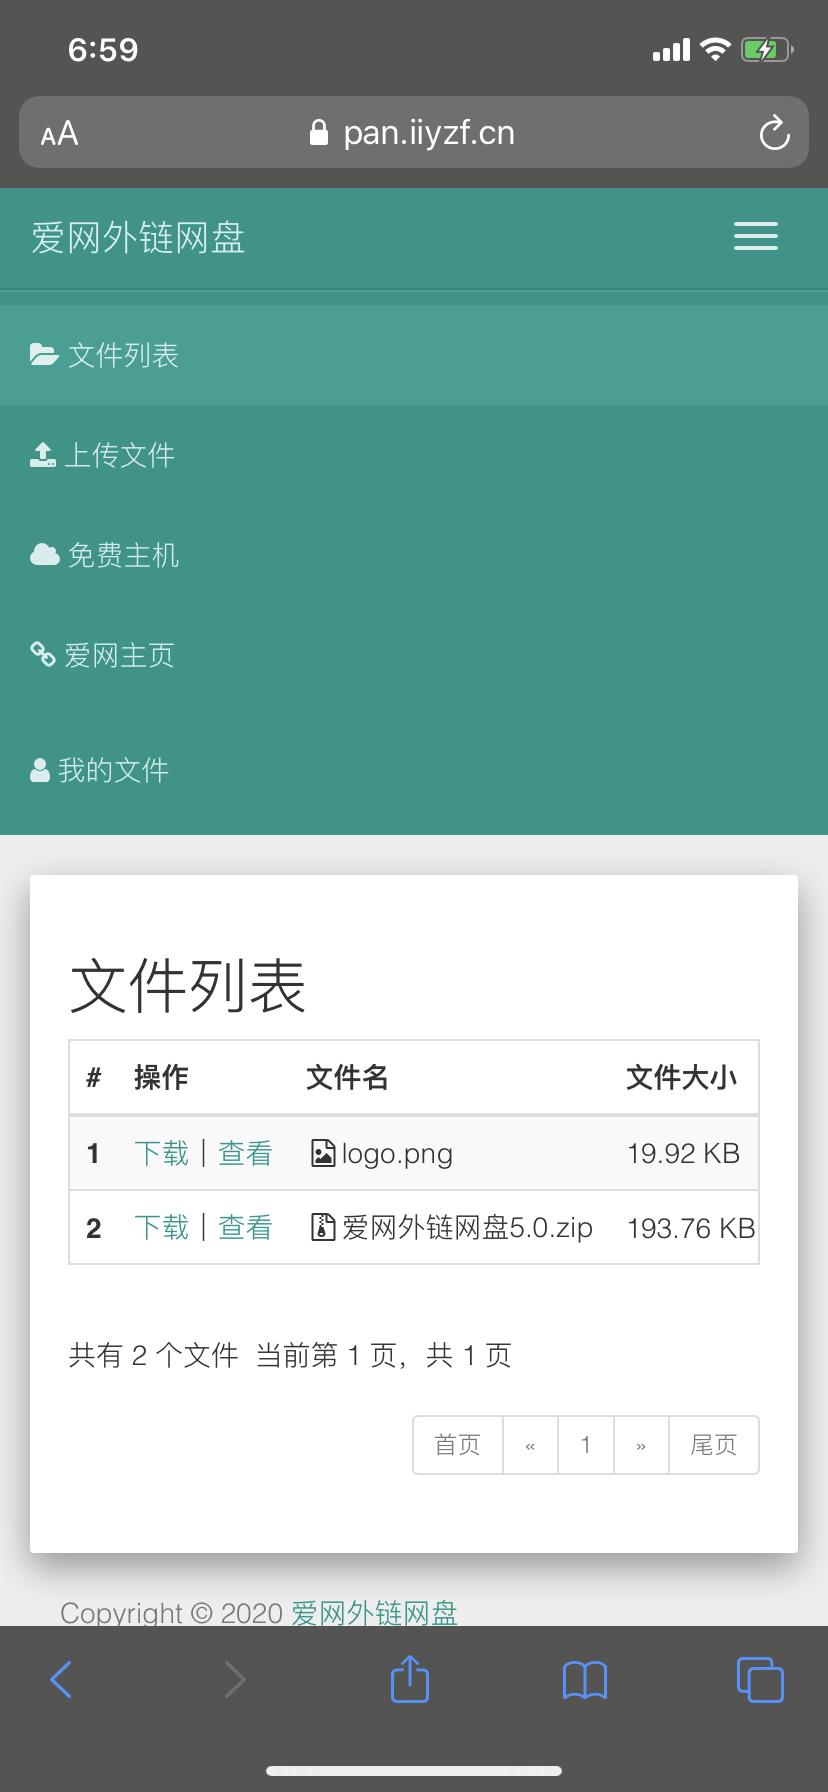 爱网外链网盘V5.0 全新界面 支持图片违规检测-玖居暗巷